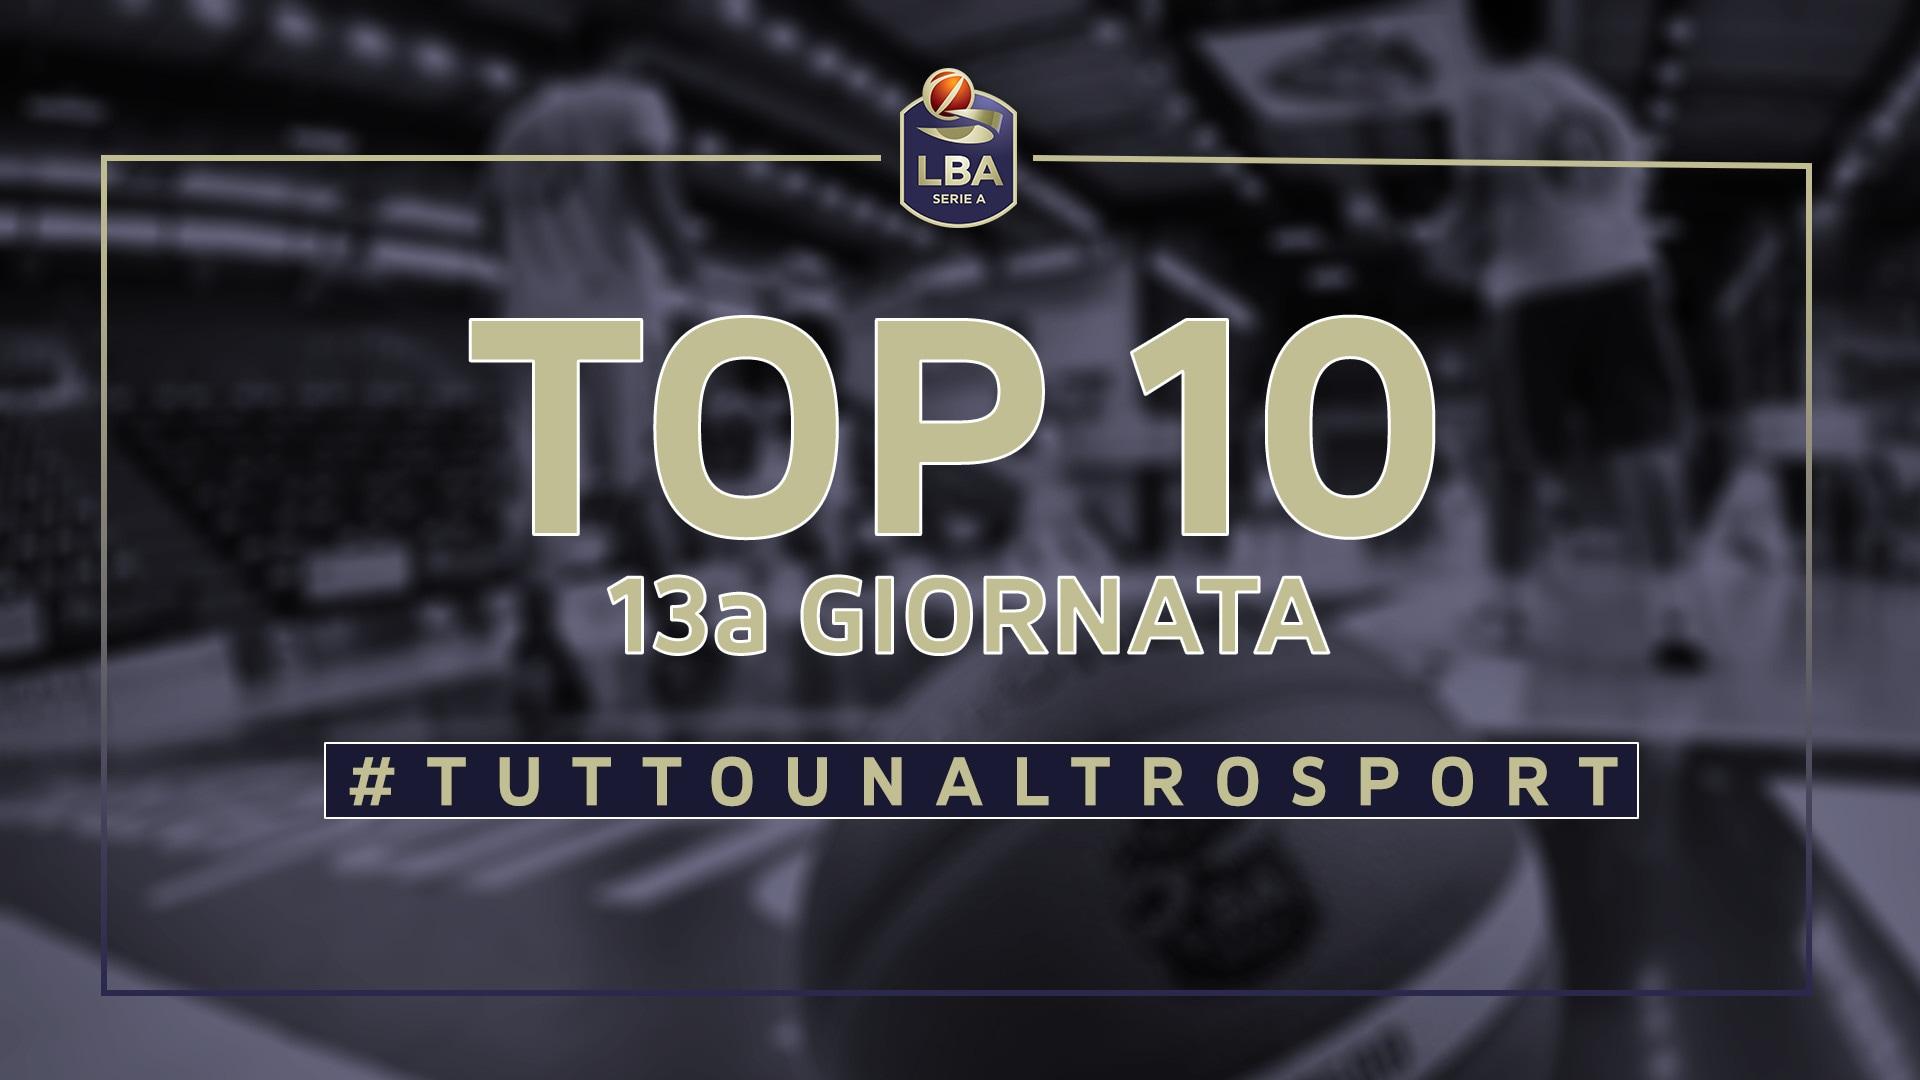 La Top Ten della 13a giornata del campionato LBA di basket